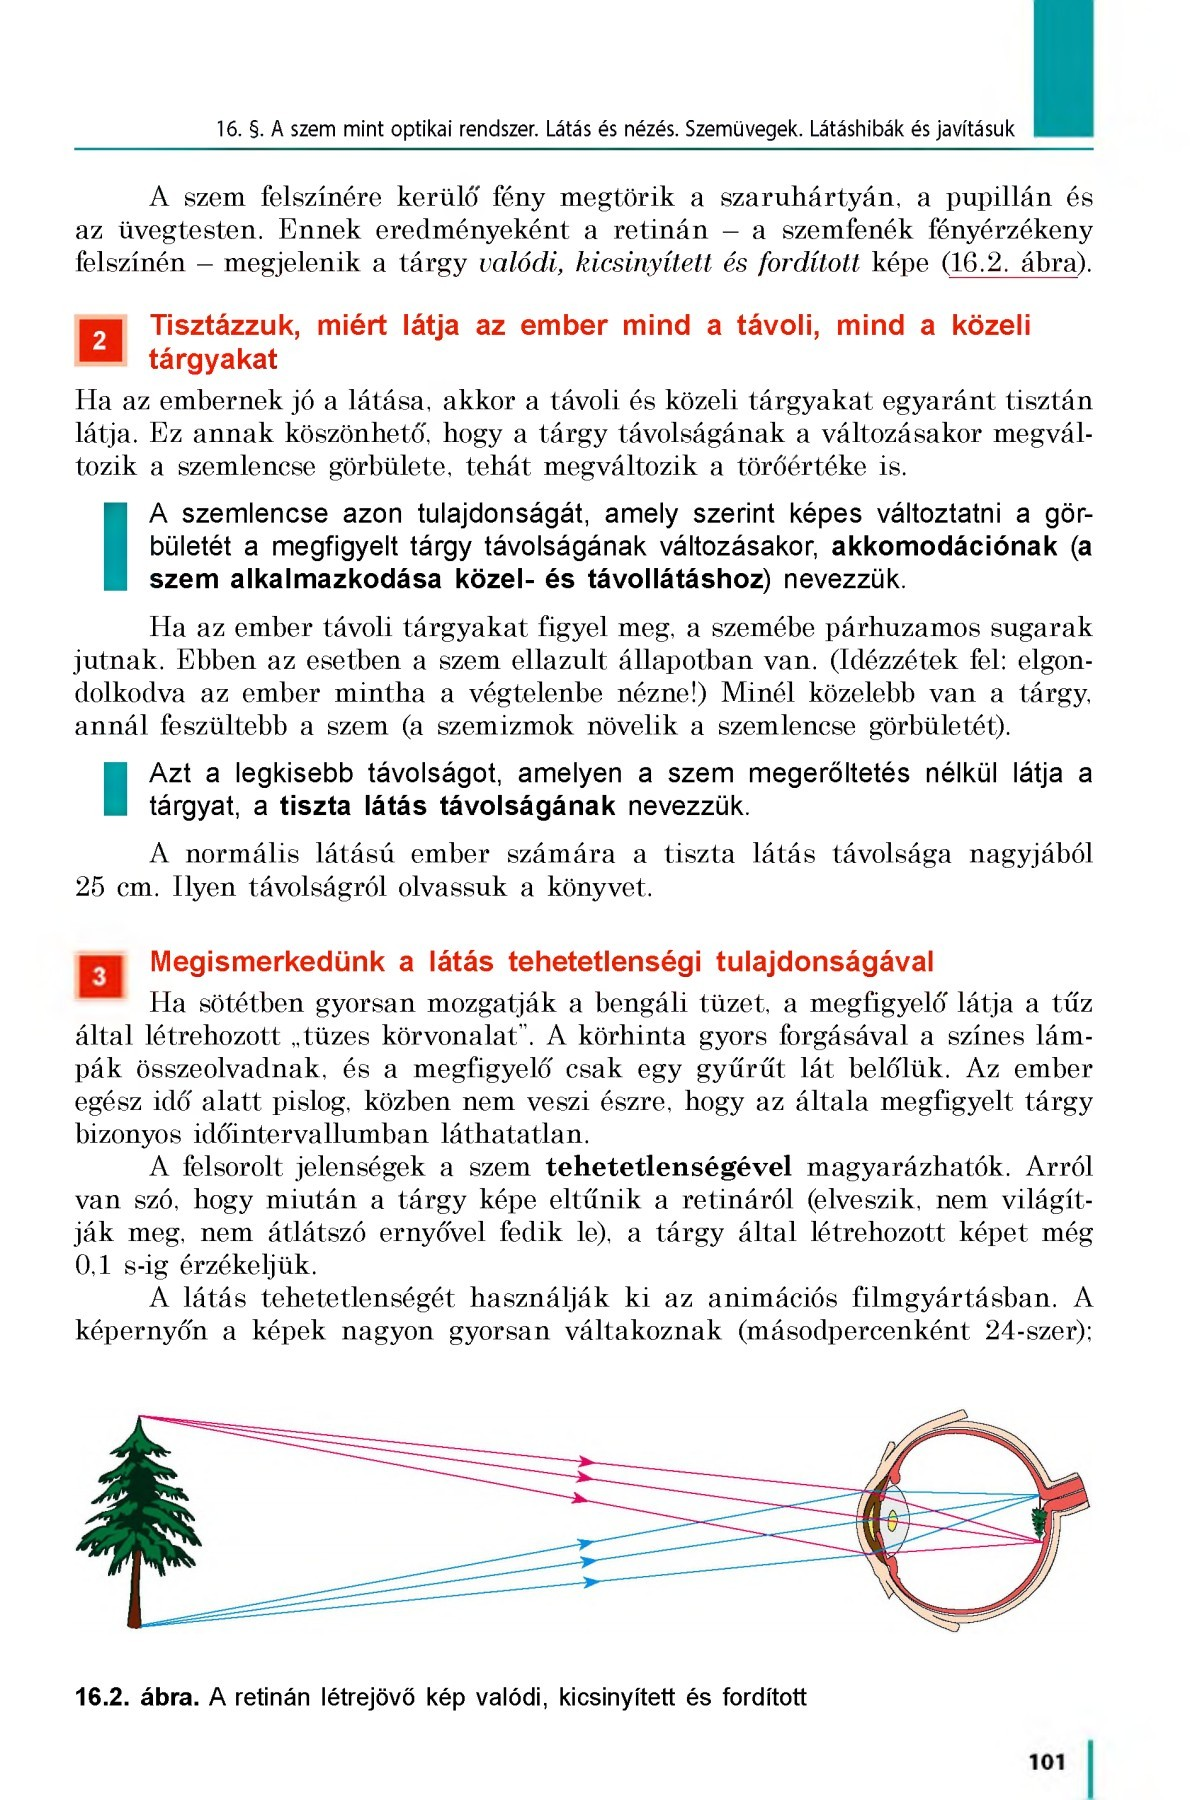 CrystalFEMTO kezelés: Kristálytiszta látásélmény még extrém körülmények között is!   rovento.hu